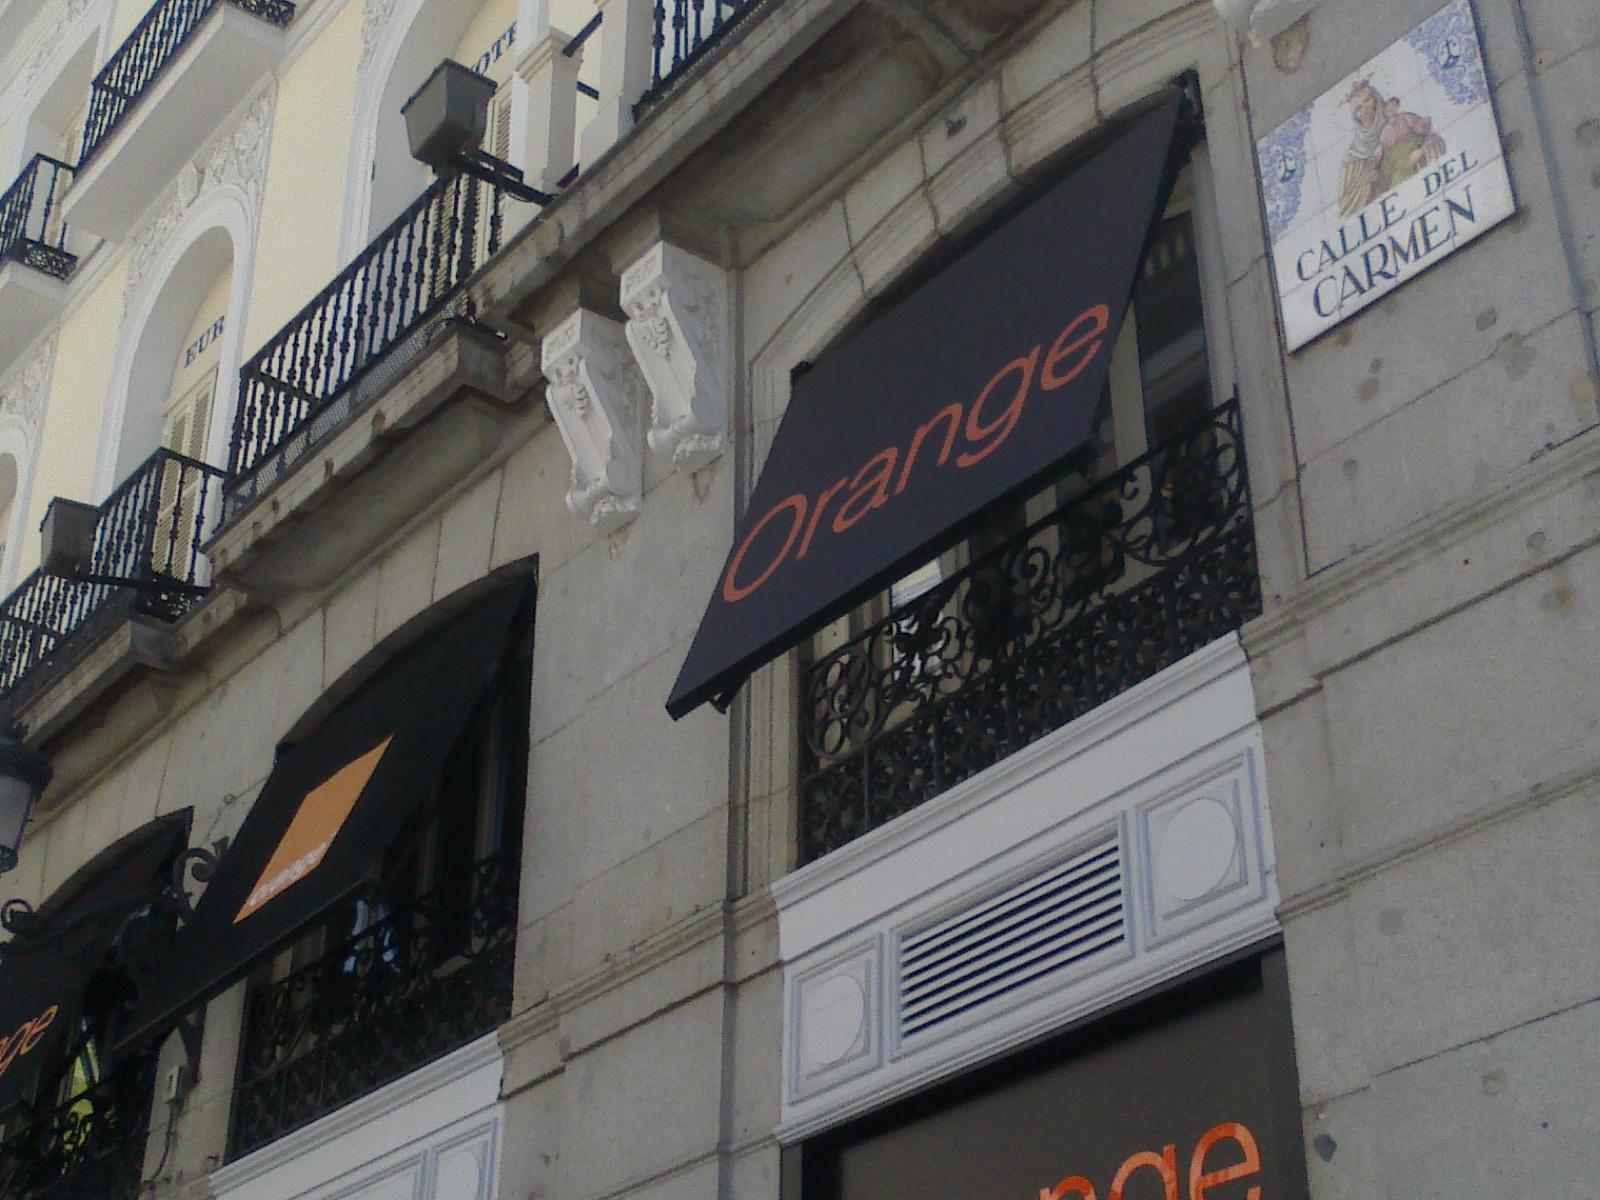 Tiendas Orange En Mostoles. Cheap Tiendas Orange En Mostoles With ...